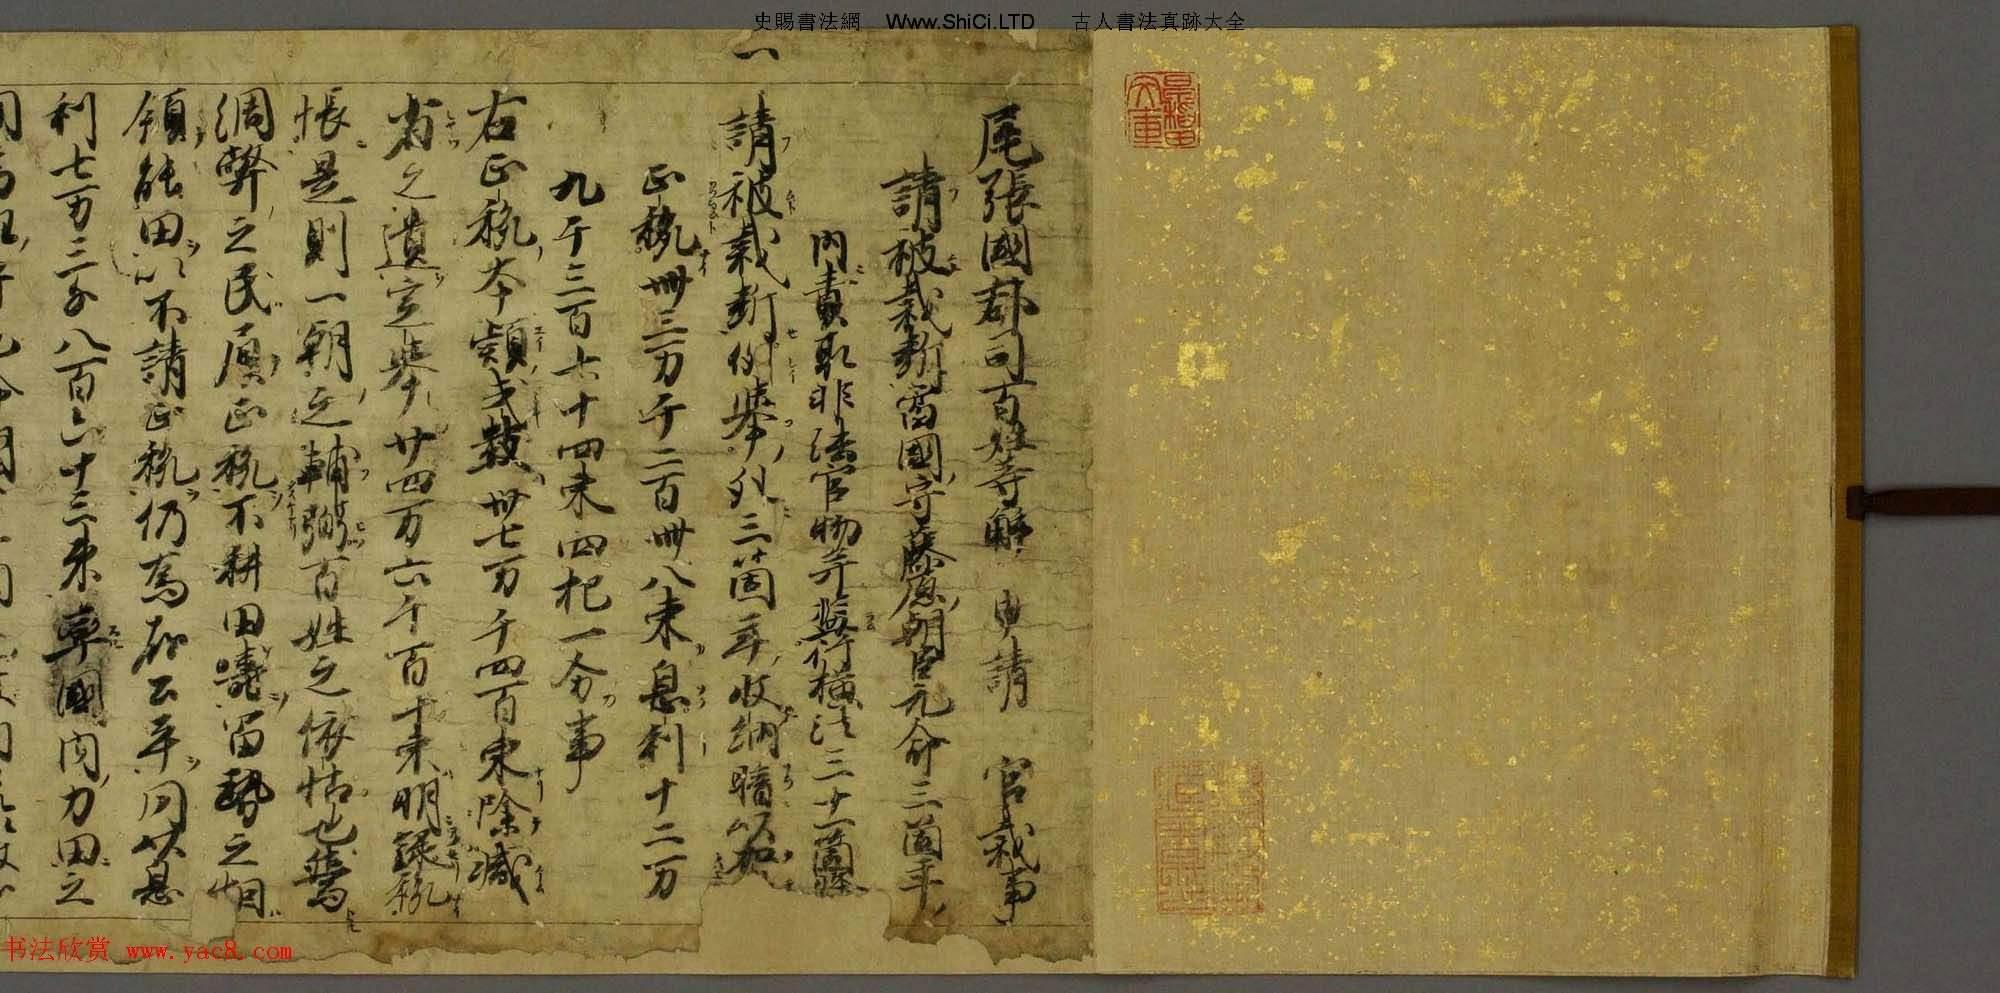 日本書法手卷字帖《尾張國郡司百姓等解》(共18張圖片)